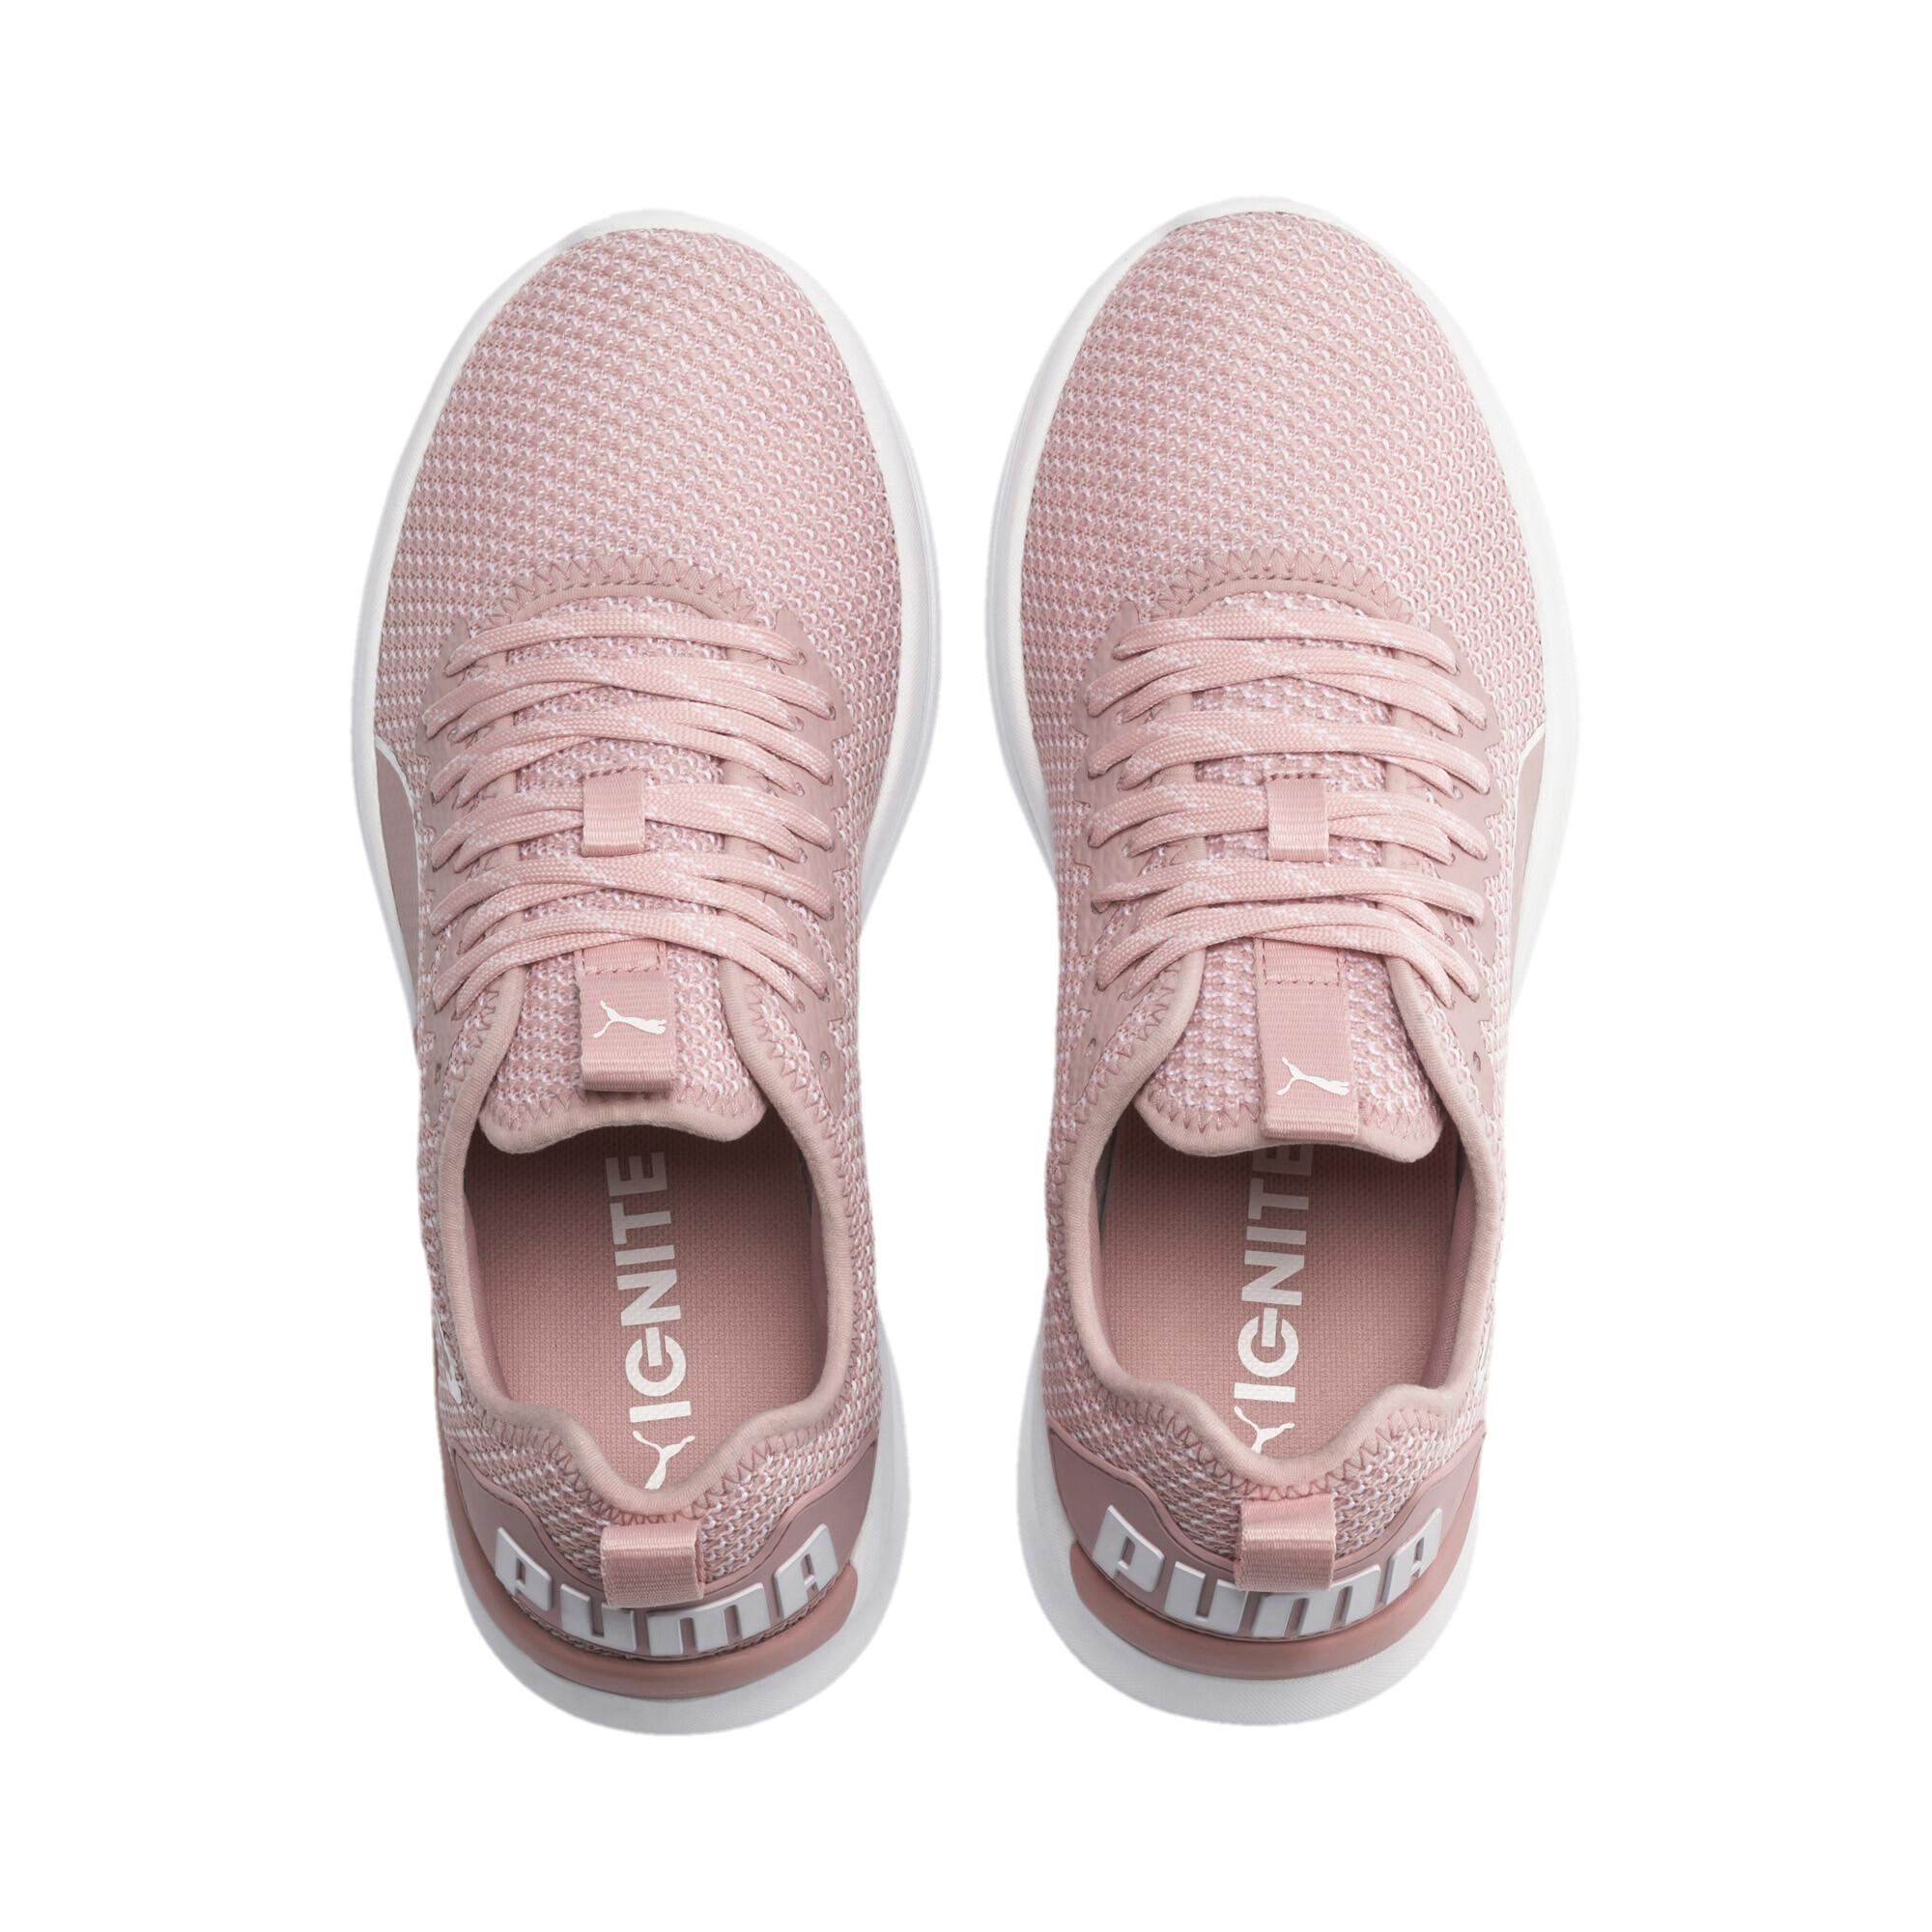 PUMA-IGNITE-Flash-Women-s-Training-Shoes-Women-Shoe-Running thumbnail 8